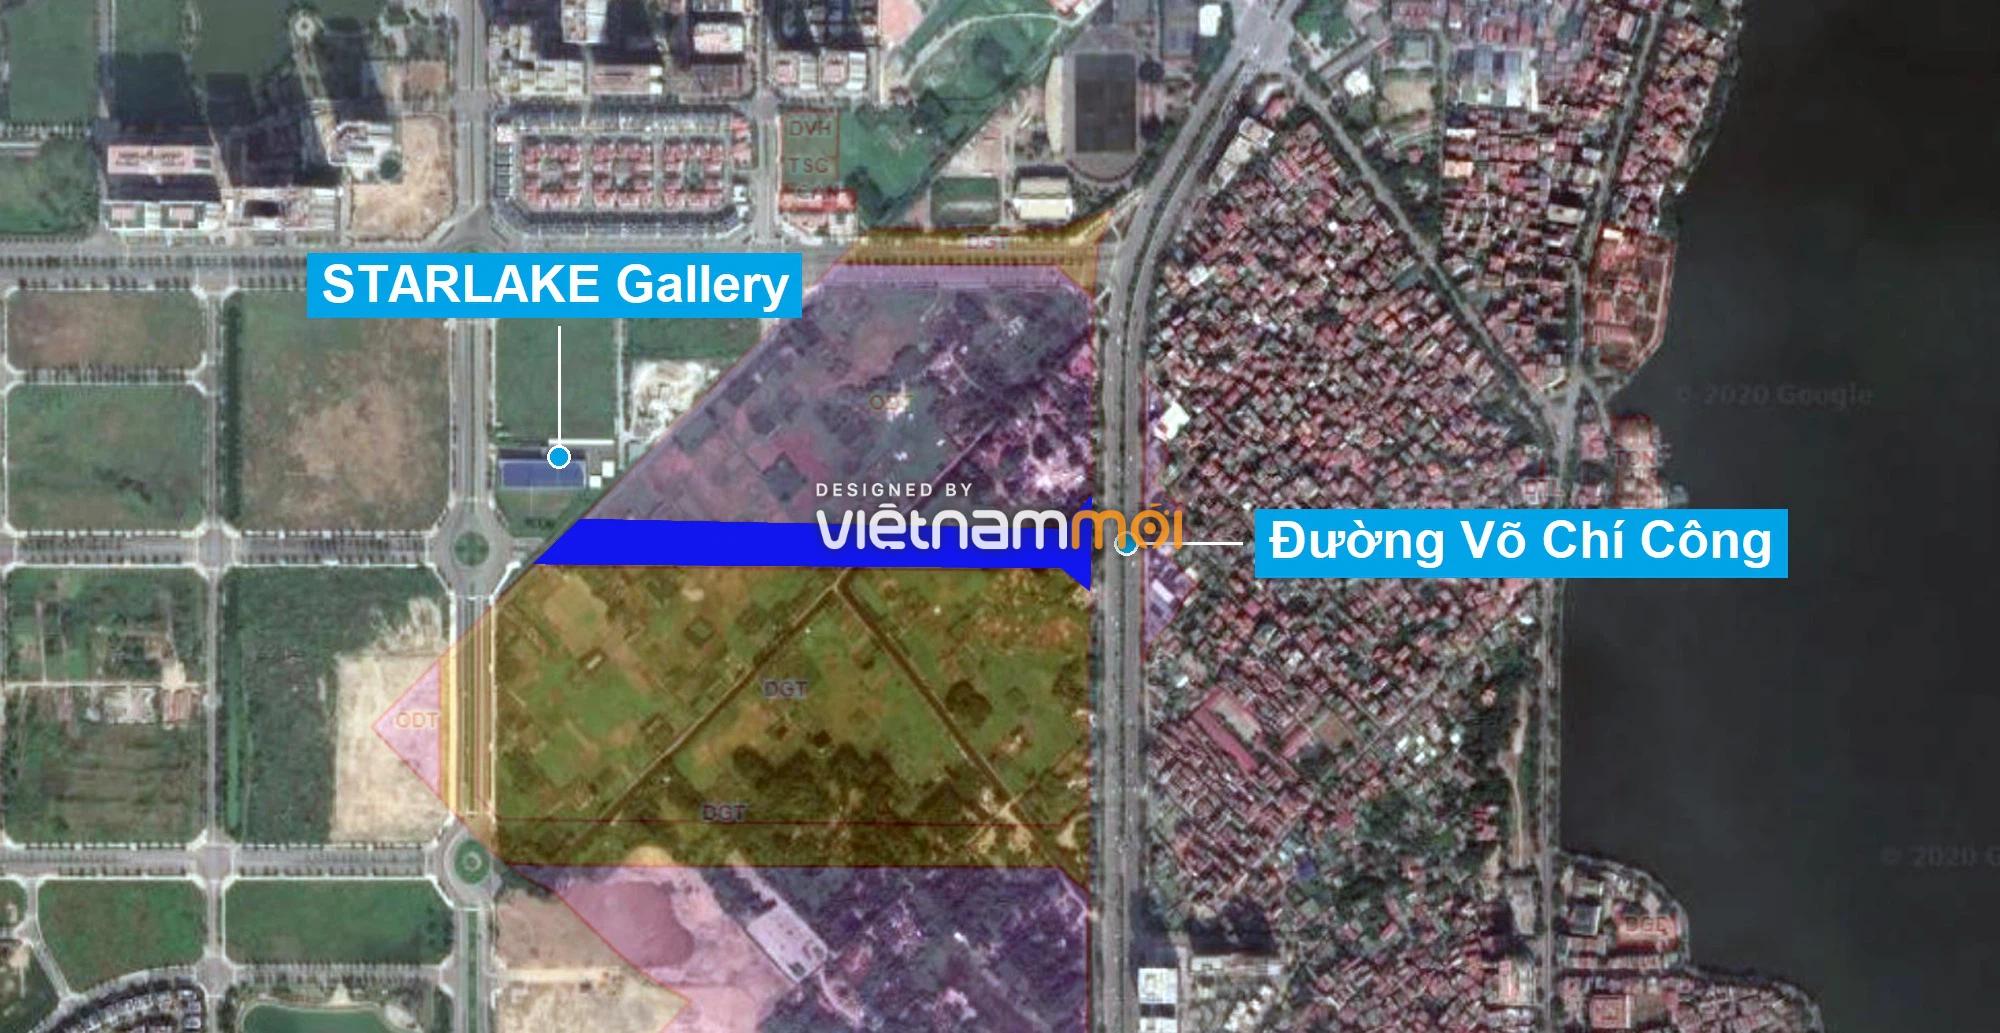 Những khu đất sắp thu hồi để mở đường ở quận Tây Hồ, Hà Nội (phần 2) - Ảnh 2.